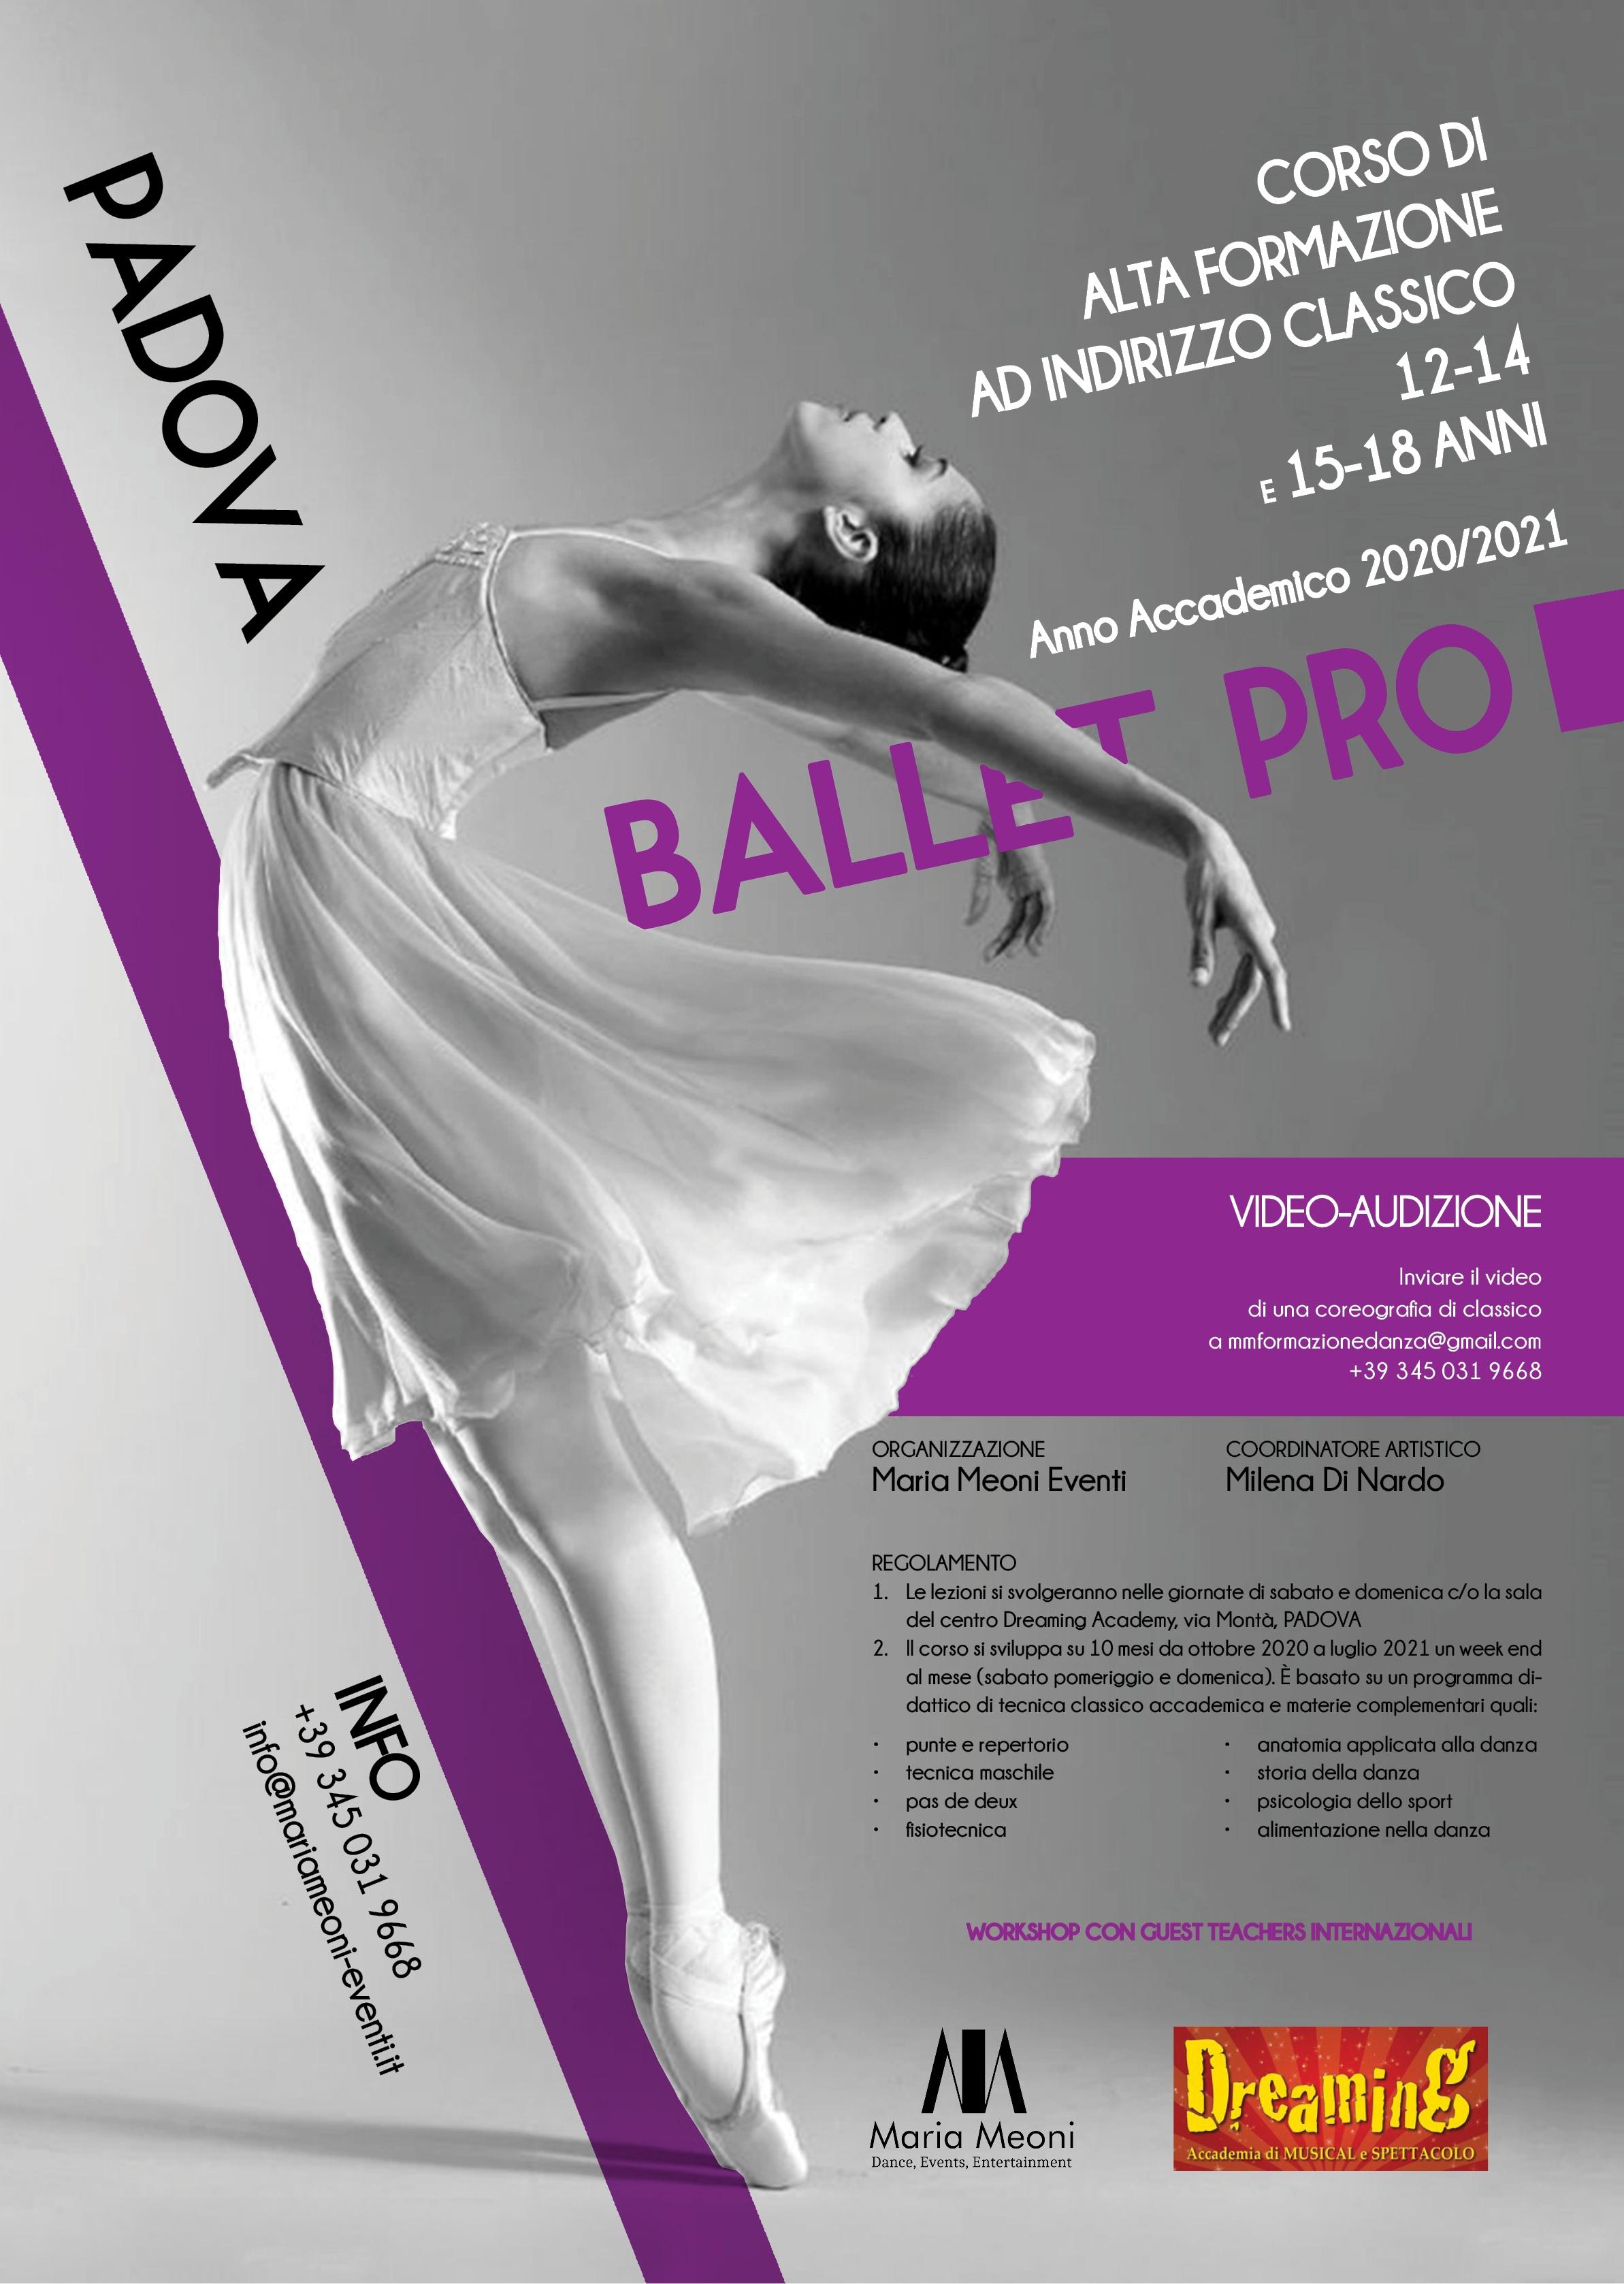 Ballet Pro - Corso Alta Formazione ok